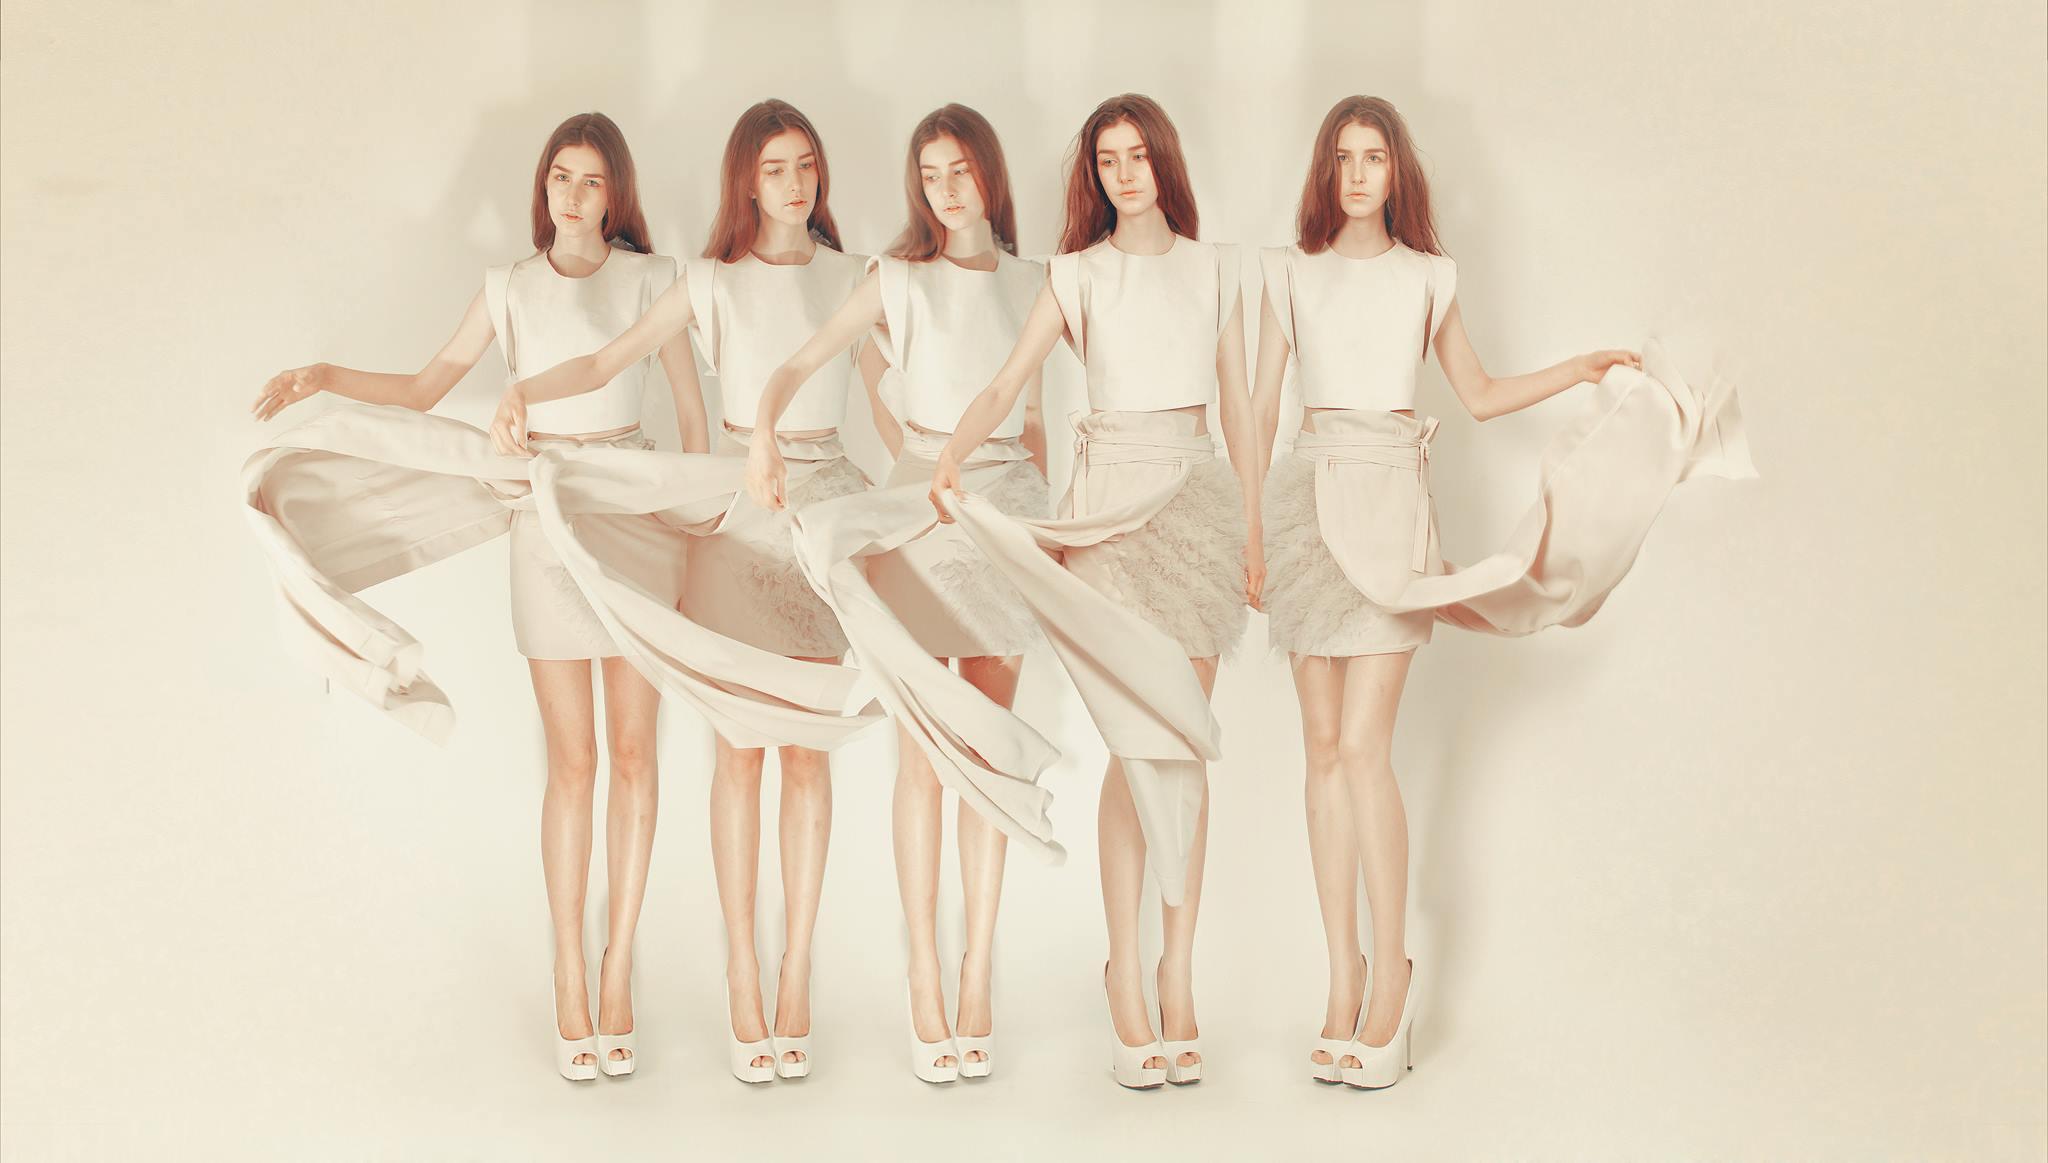 wu-xian-fashion-photography-photography-of-china-4.jpg